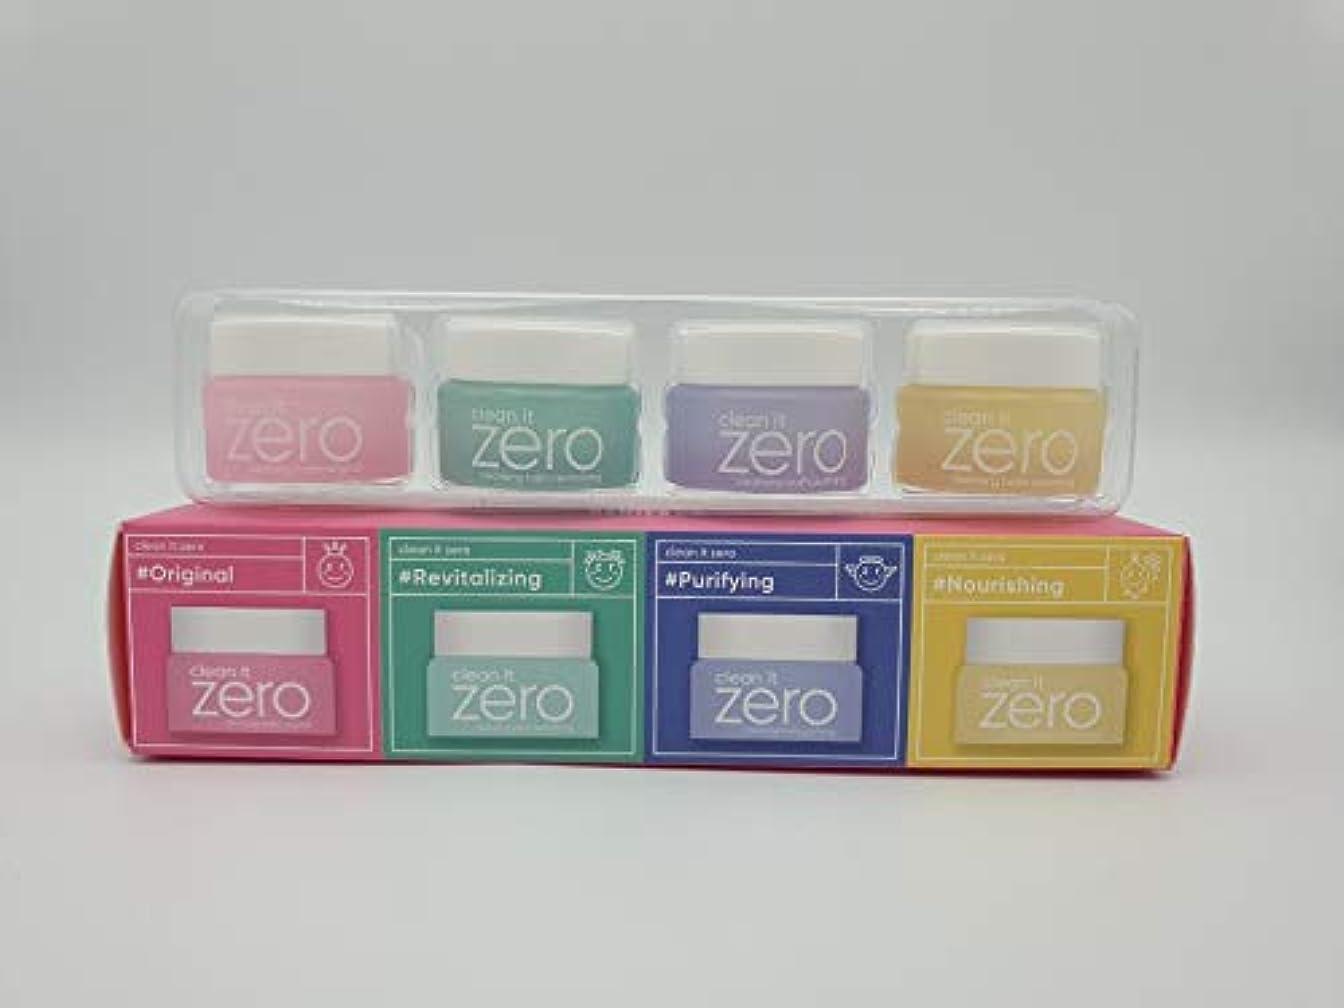 アライアンスリンケージコミットBANILA CO Clean It Zero Special Kit (7ml×4items)/バニラコ クリーン イット ゼロ スペシャル キット (7ml×4種) [並行輸入品]